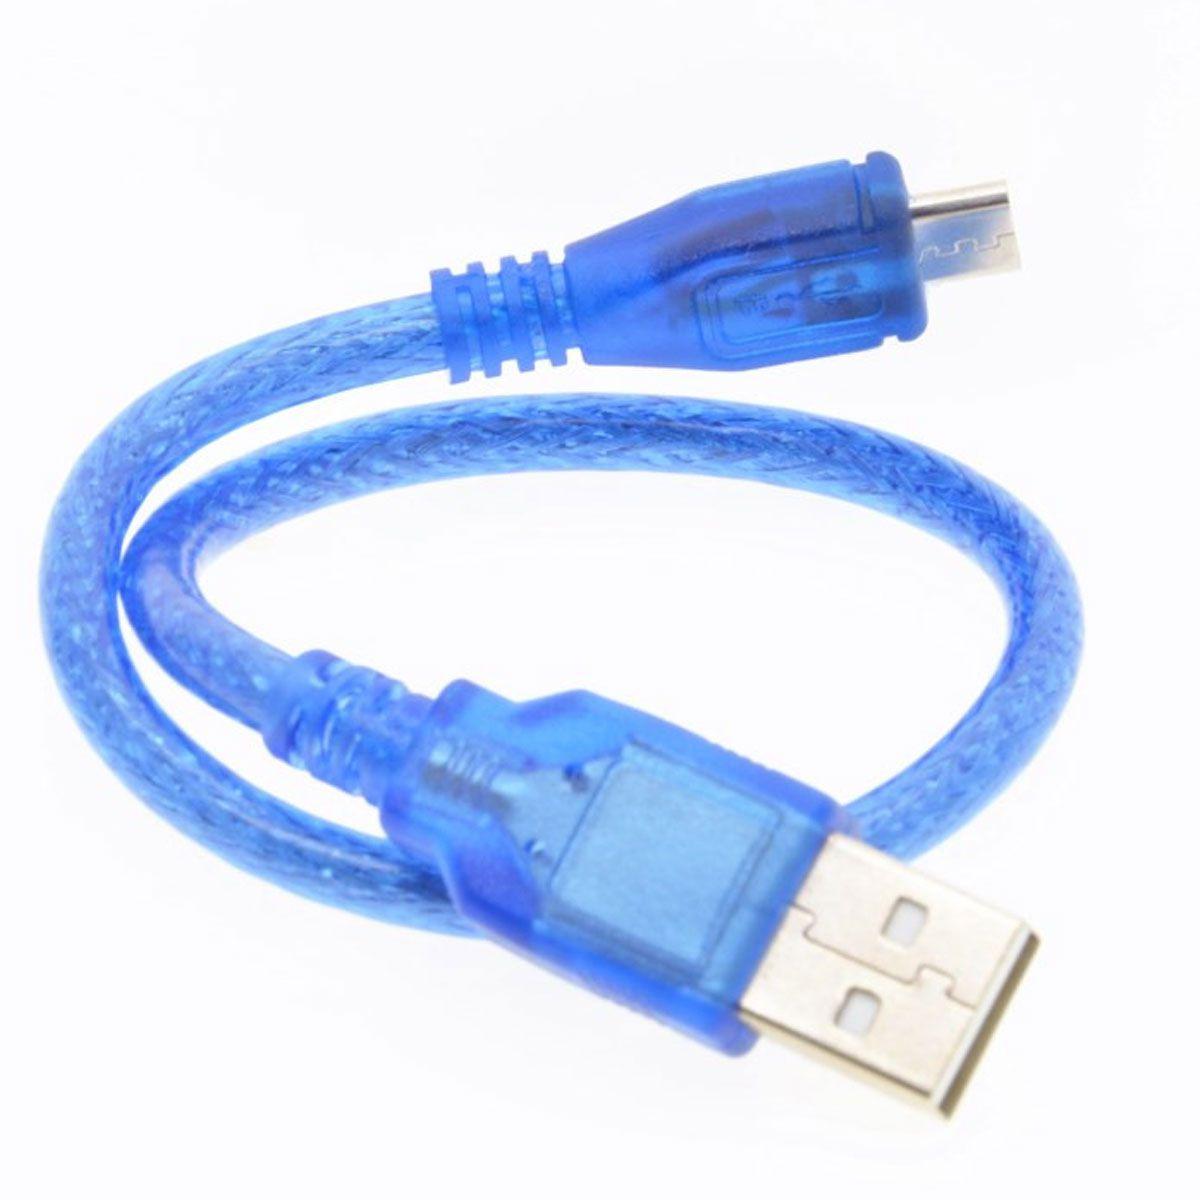 Cabo Micro USB para Nodemcu ESP8266, ESP32, Arduino Leonardo, Yún, Micro, DUE, Raspberry Pi e Digispark